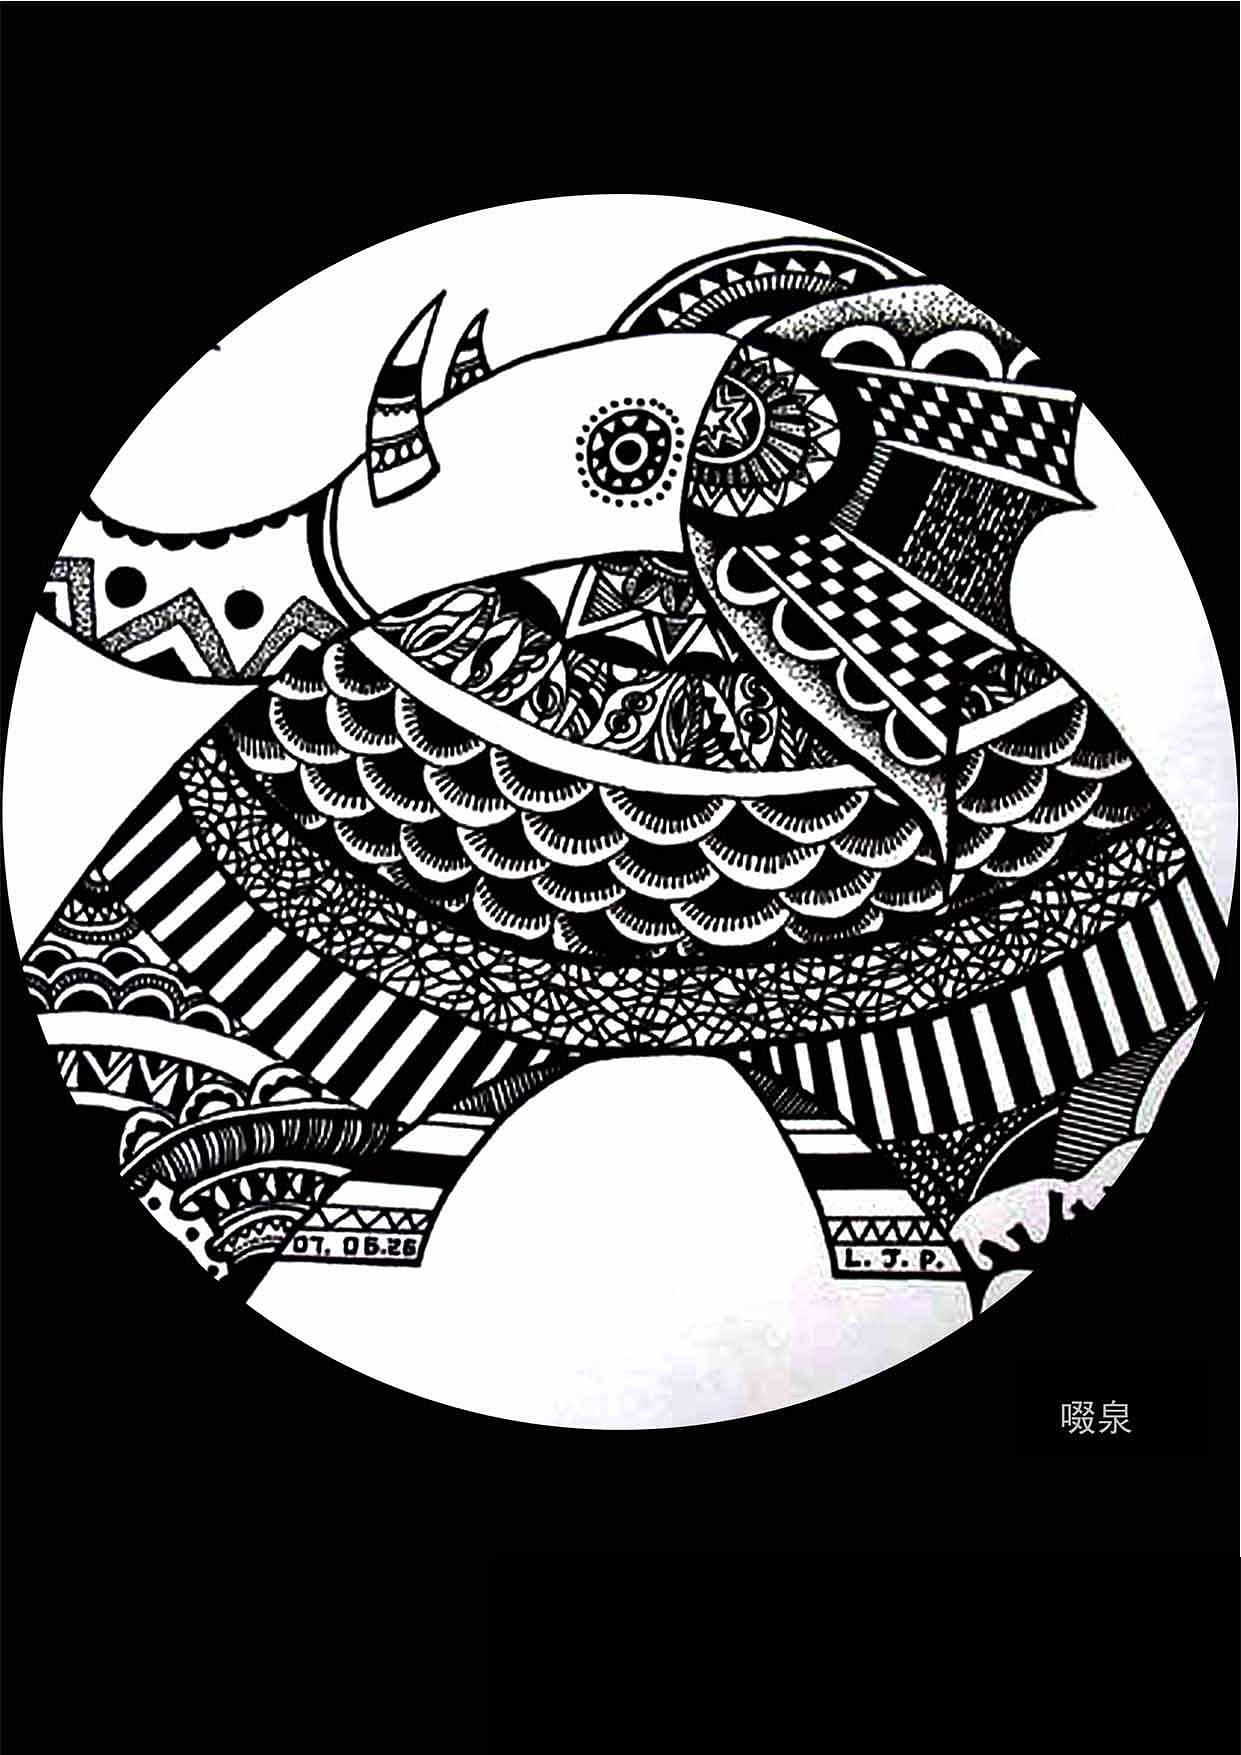 我的素描创意手稿|插画|商业插画|啜泉 - 原创作品图片